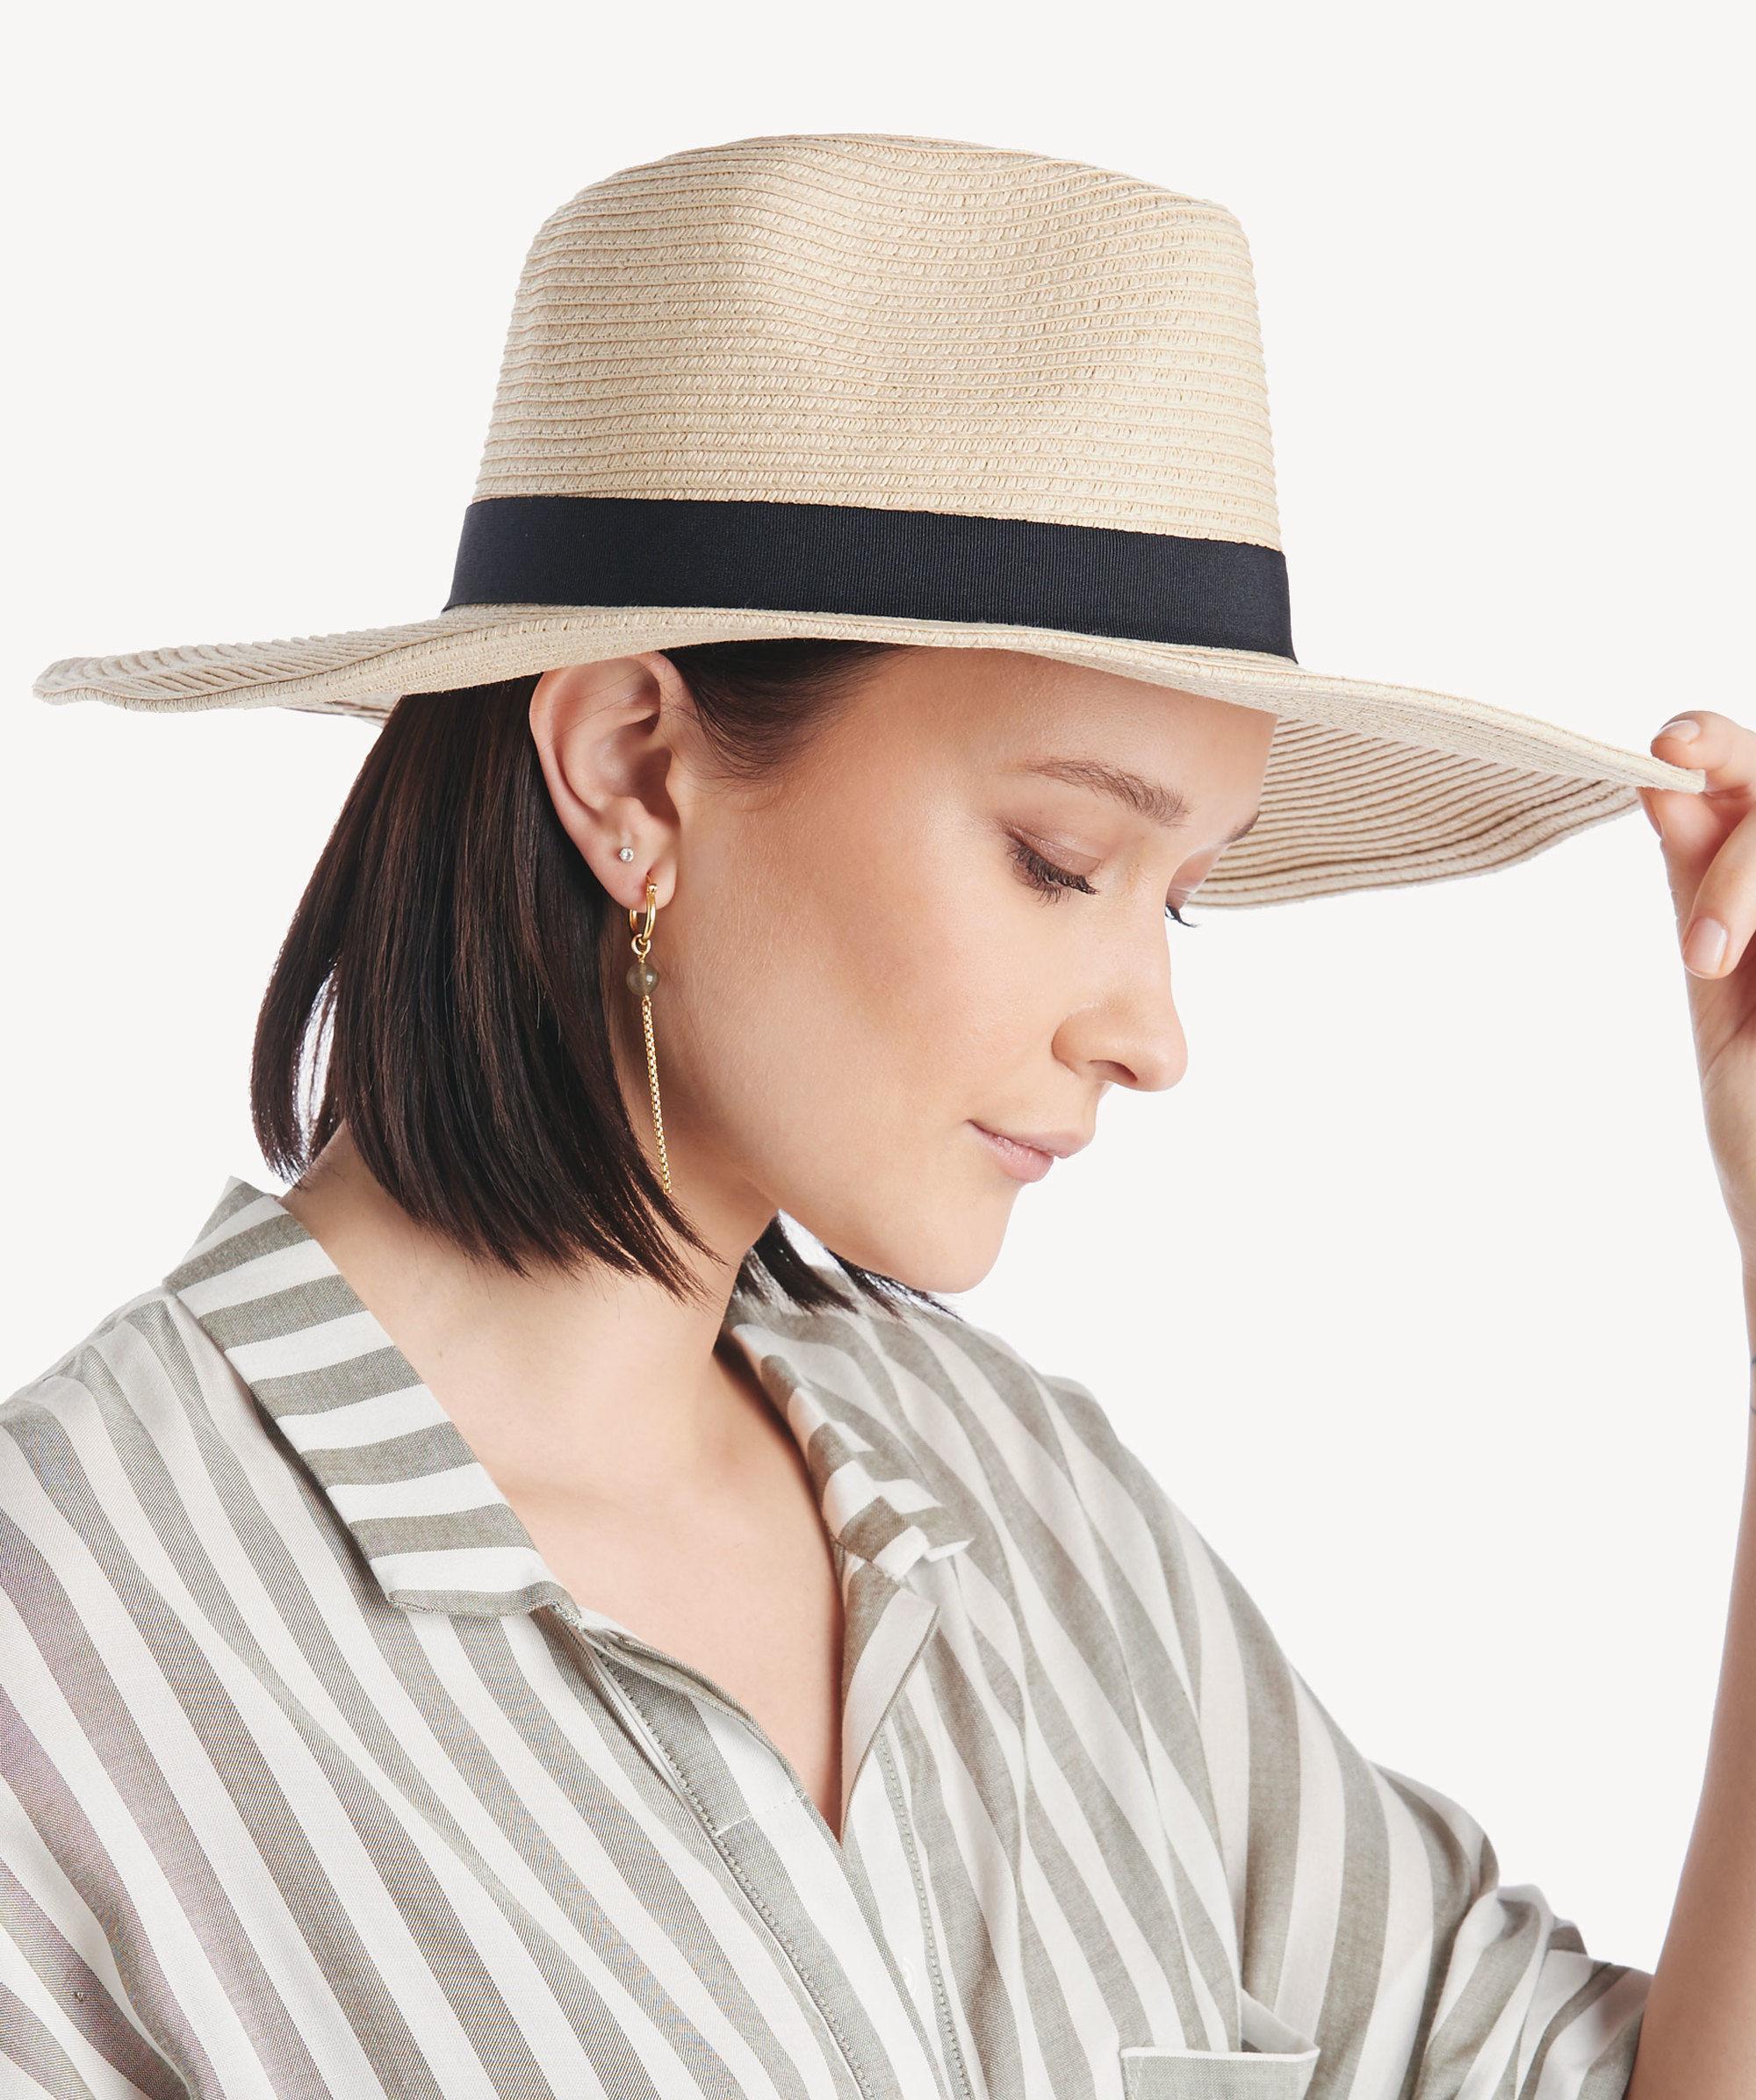 Lyst - Sole Society Wide Brim Straw Hat in Brown 2ac1ff1b910